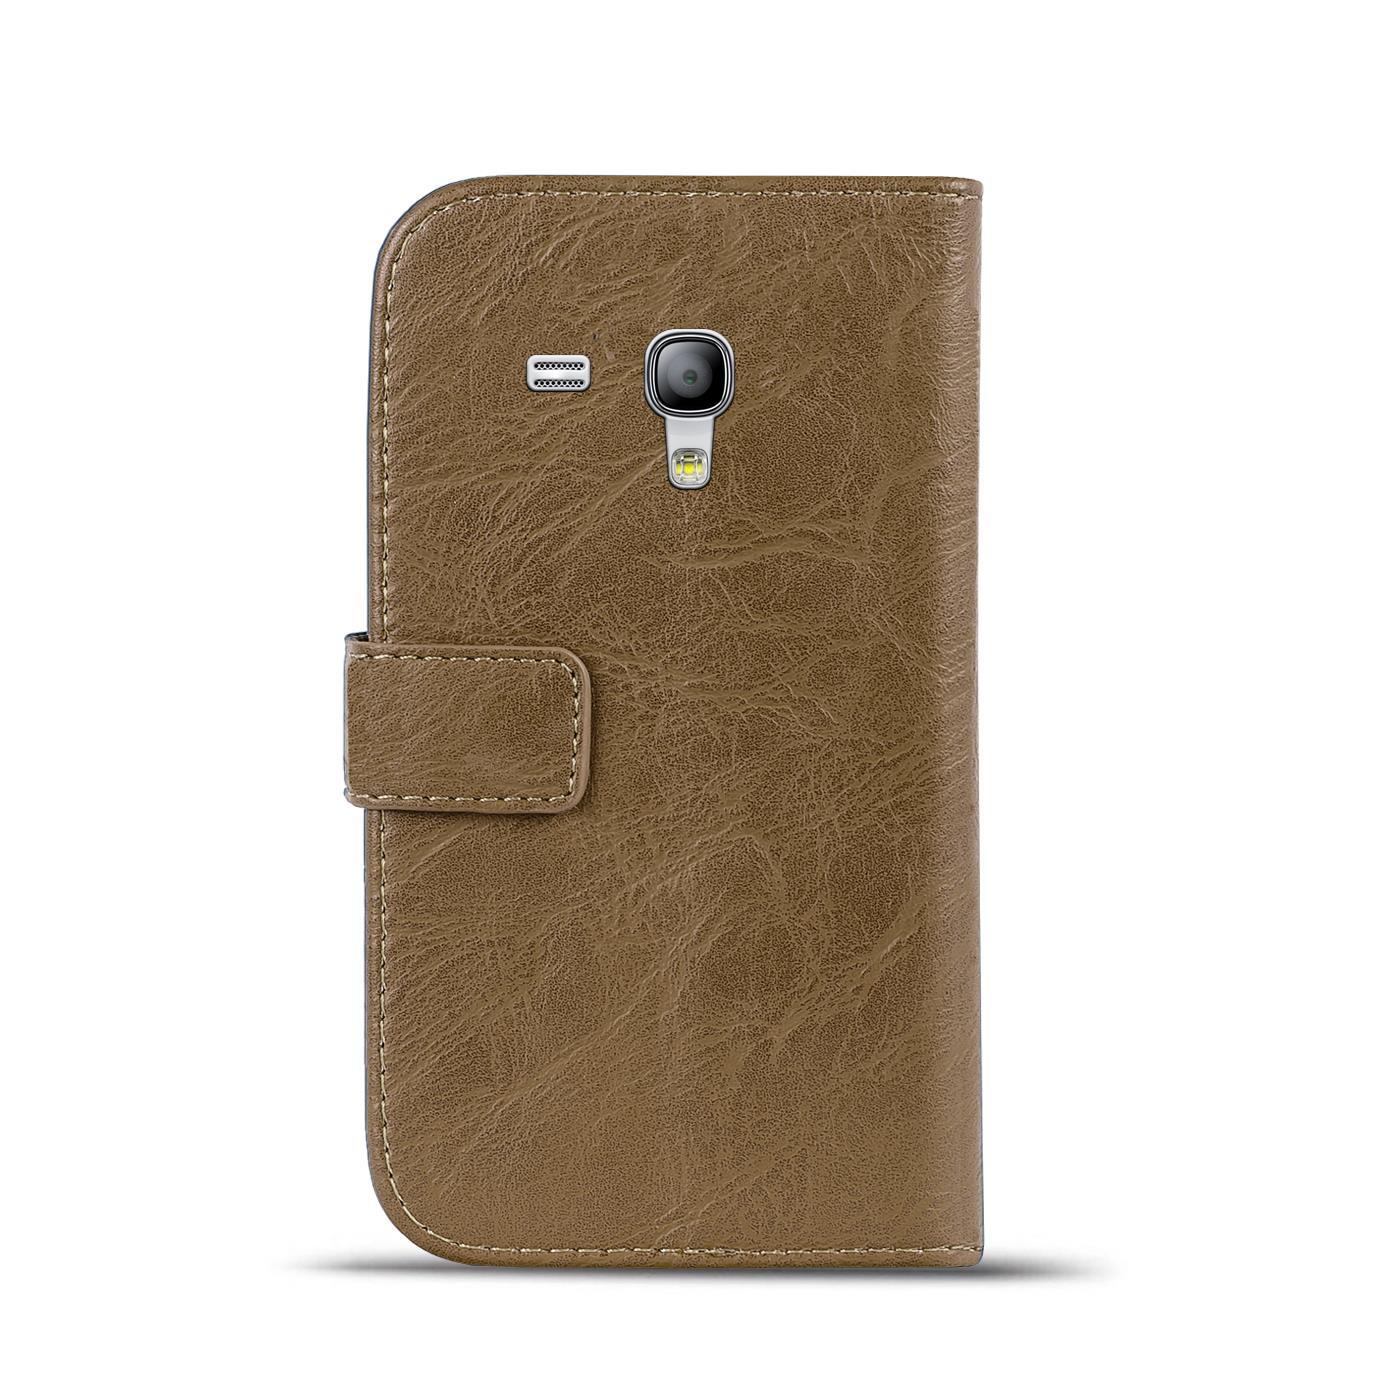 Klapphuelle-Samsung-Galaxy-S3-Mini-Huelle-Schutzhuelle-Wallet-Cover-Flip-Case Indexbild 19